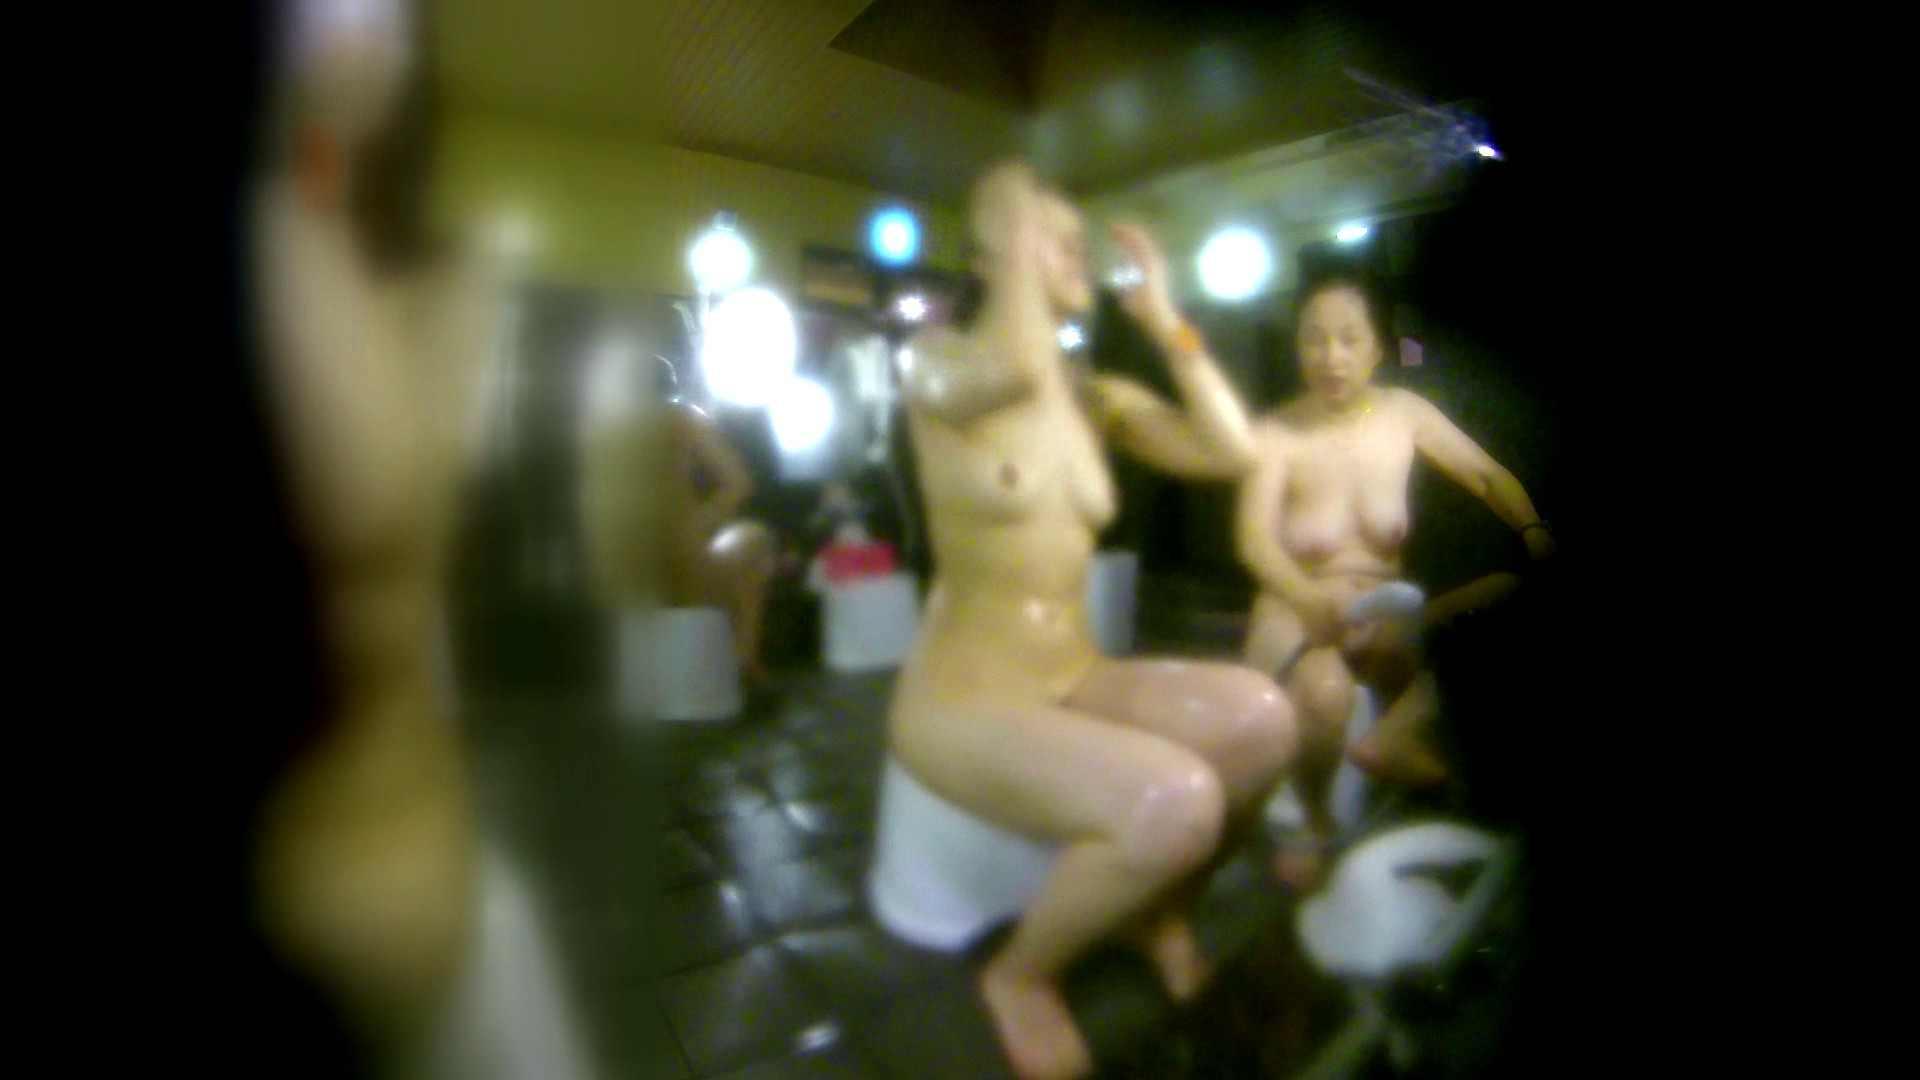 洗い場!右足の位置がいいですね。陰毛もっさり! 潜入 おまんこ動画流出 113pic 95